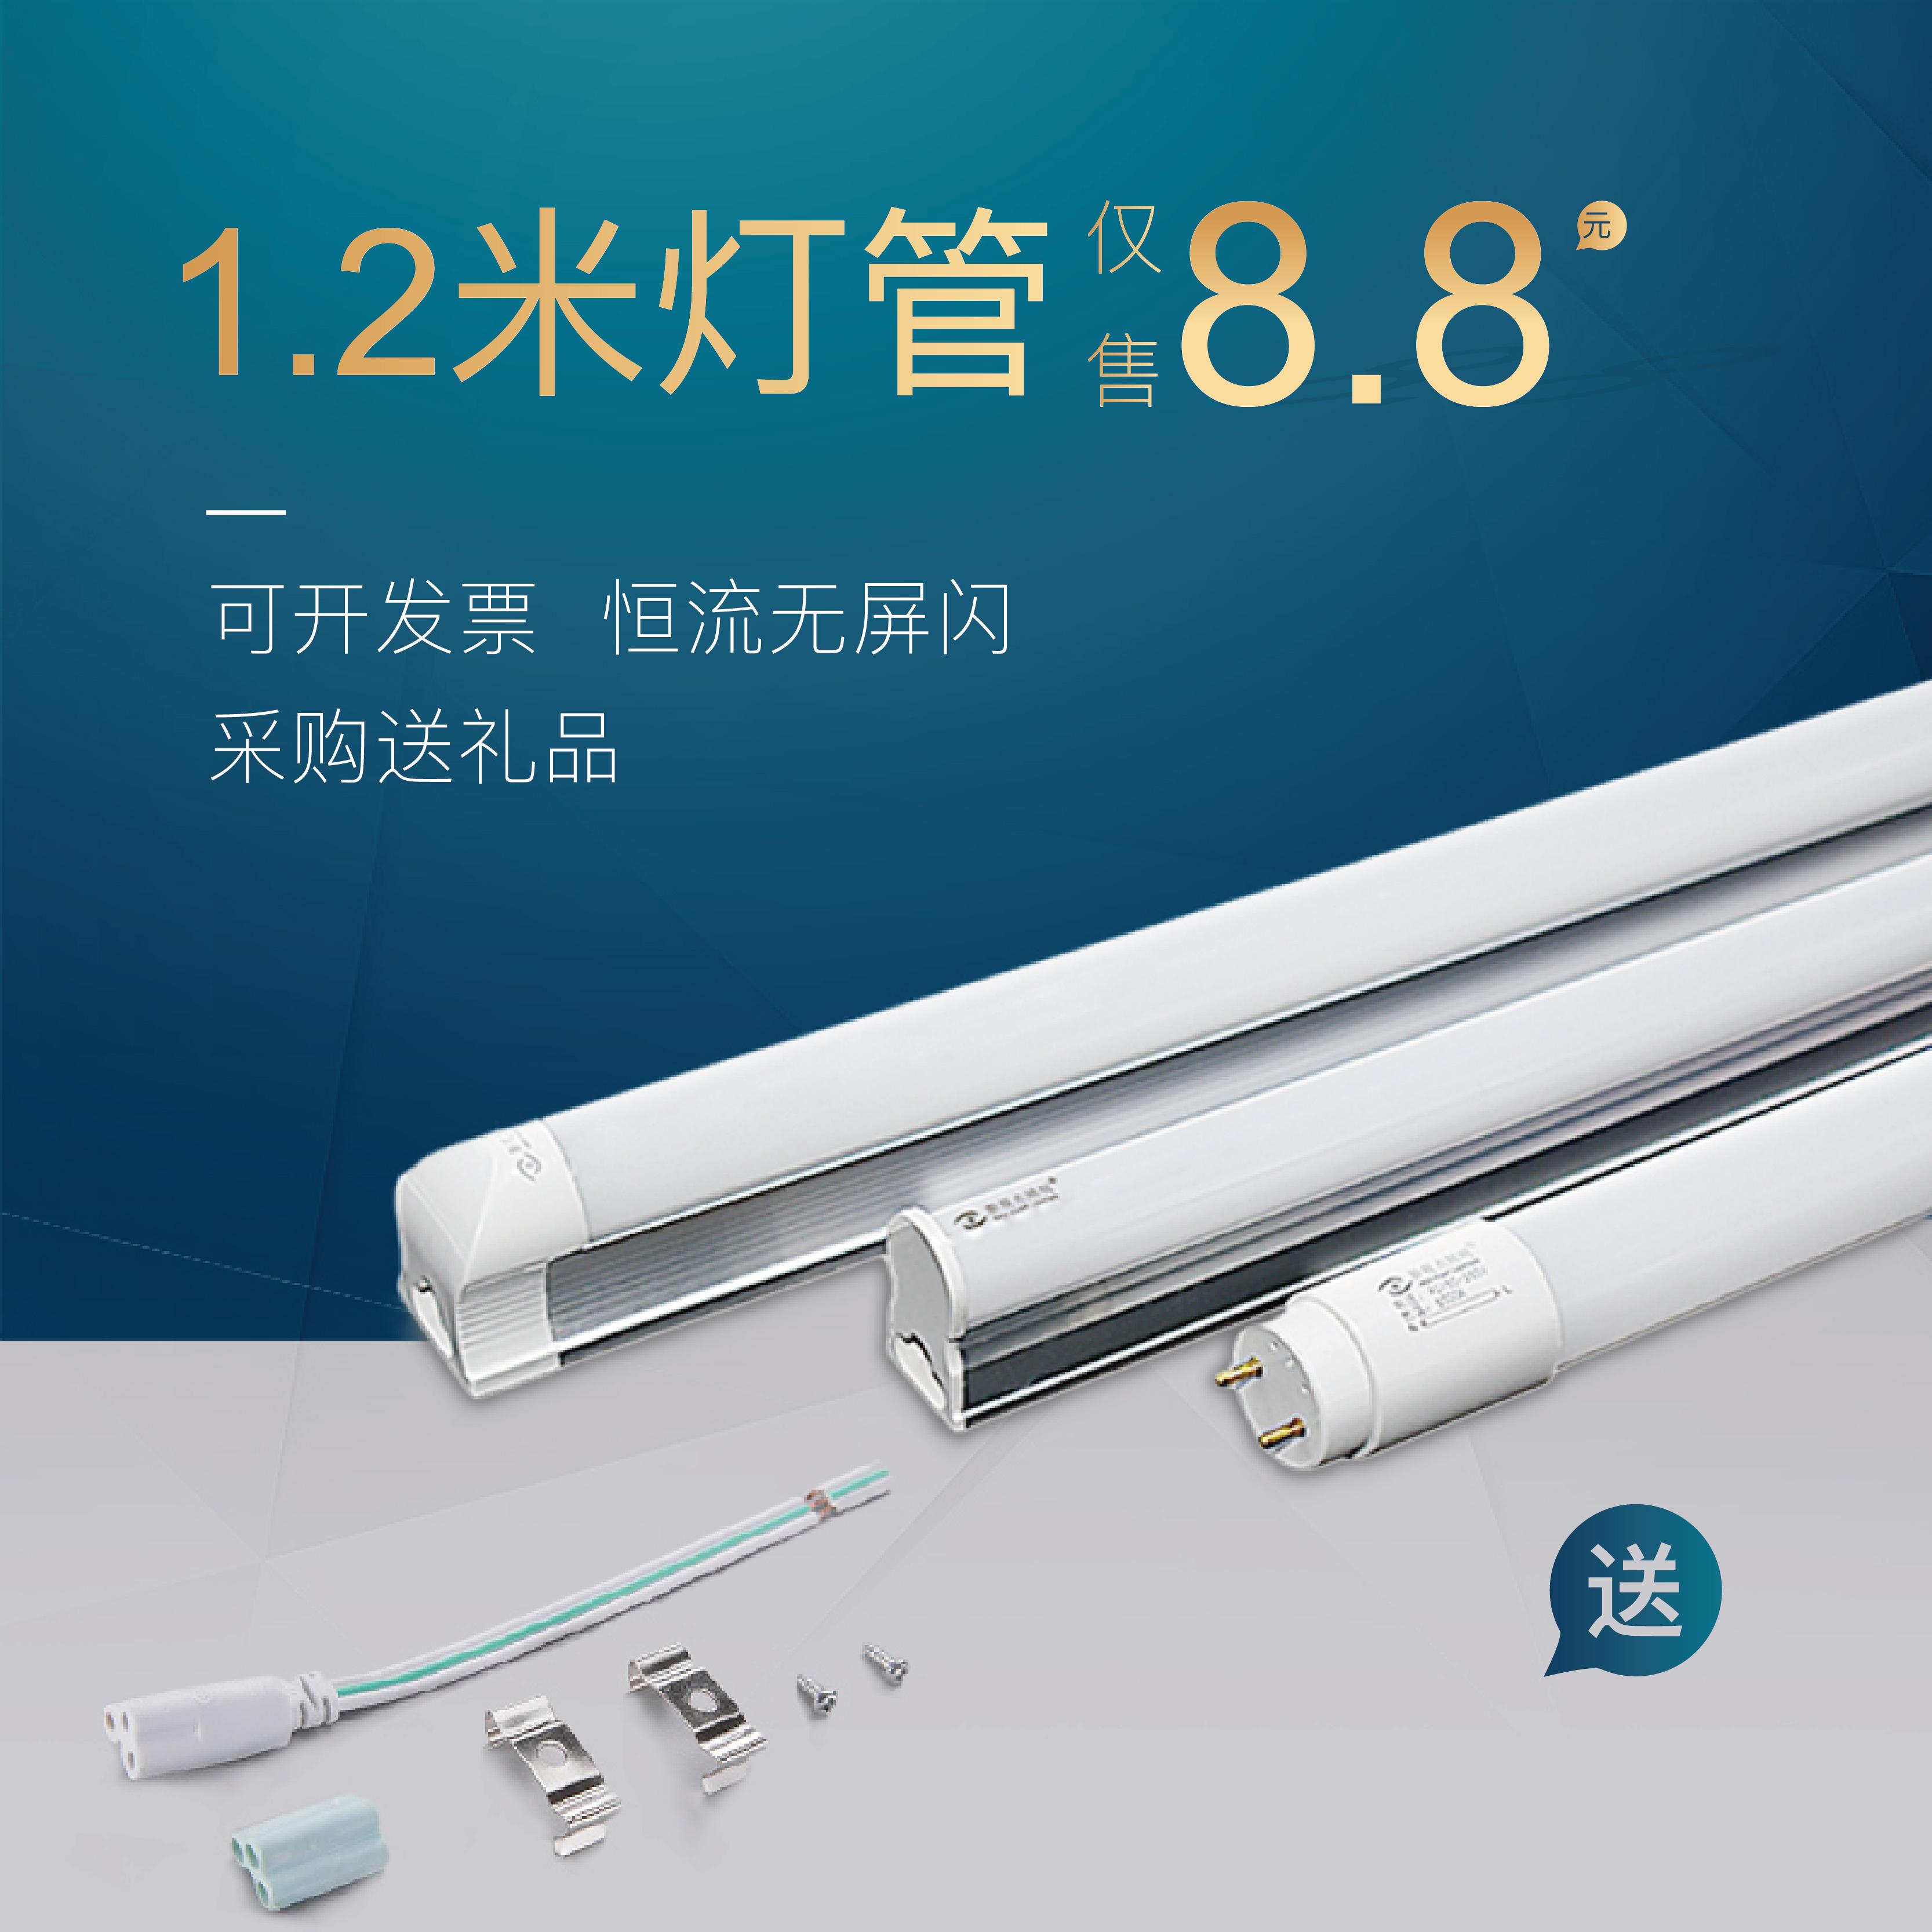 新观点 T5一体化LEDT8日光灯全套1.2米18w灯管高亮 改造led长条灯,有¥3元购物优惠券,希望此内部优惠券能帮您省钱,祝您在兰黛佳人网微信优惠券网购物愉快。